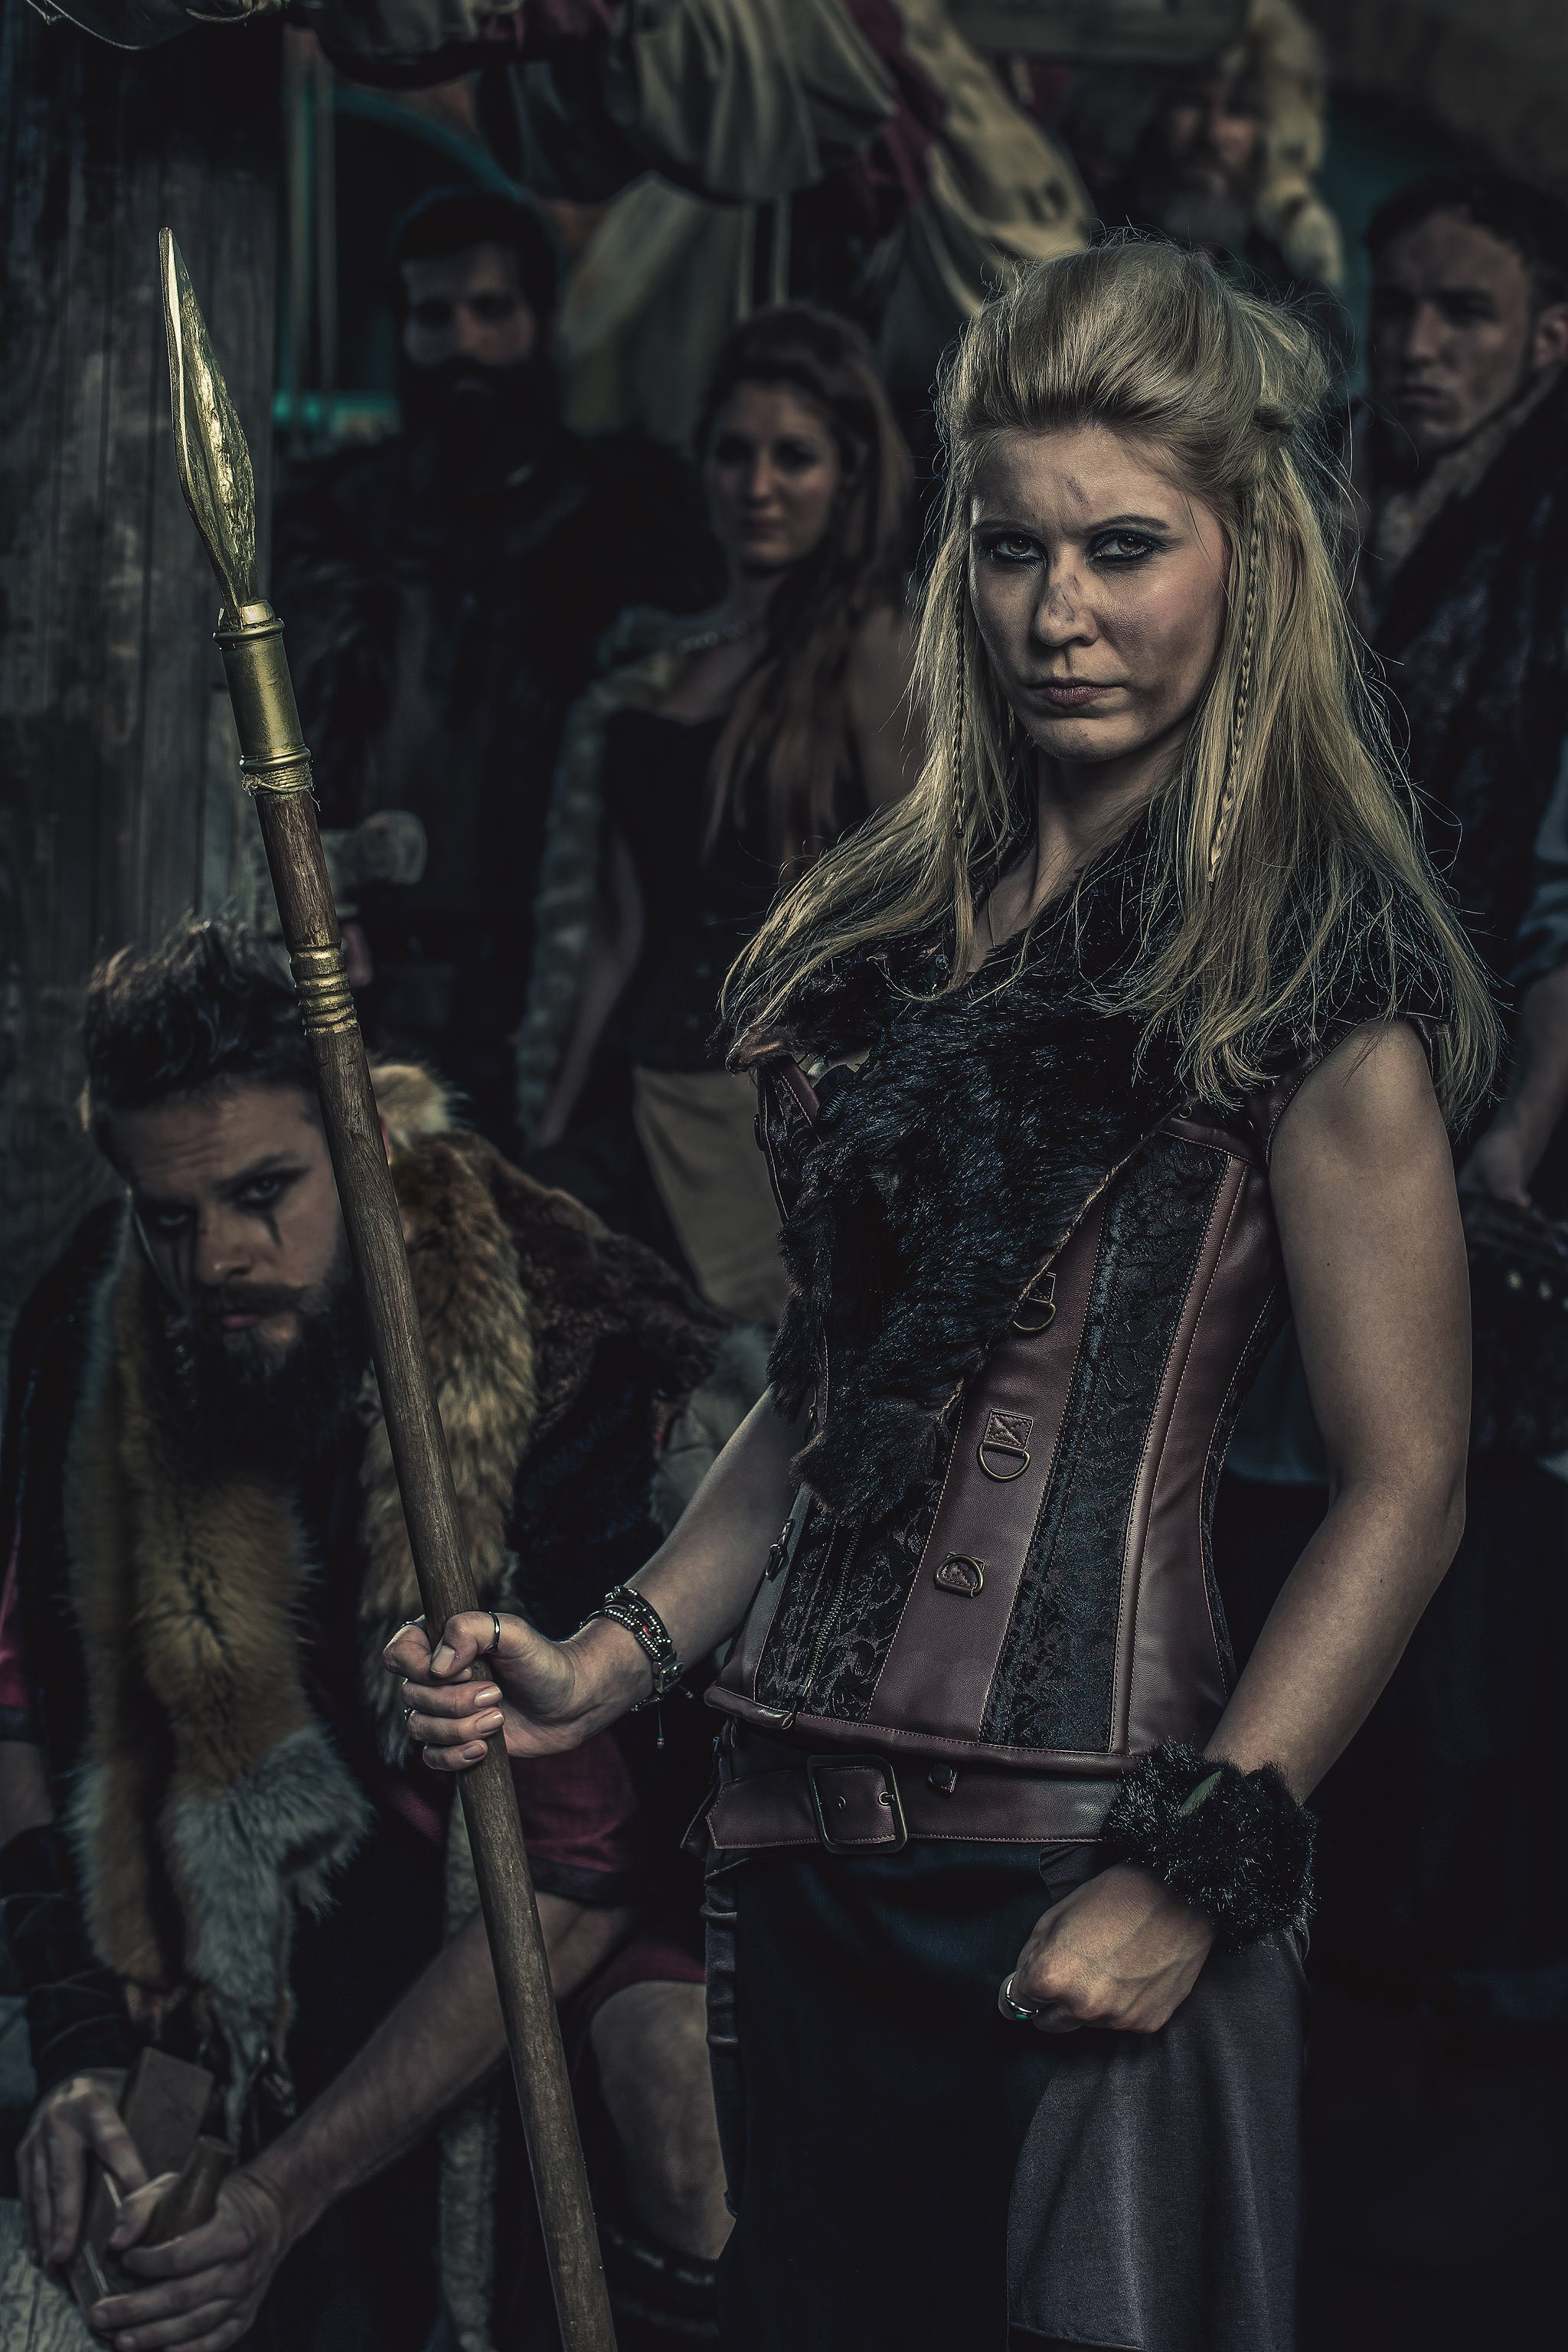 Cathy, verkleidet als Wikinger für die Kooperation von blackbeards mit dem Lokschuppen in Rosenheim.